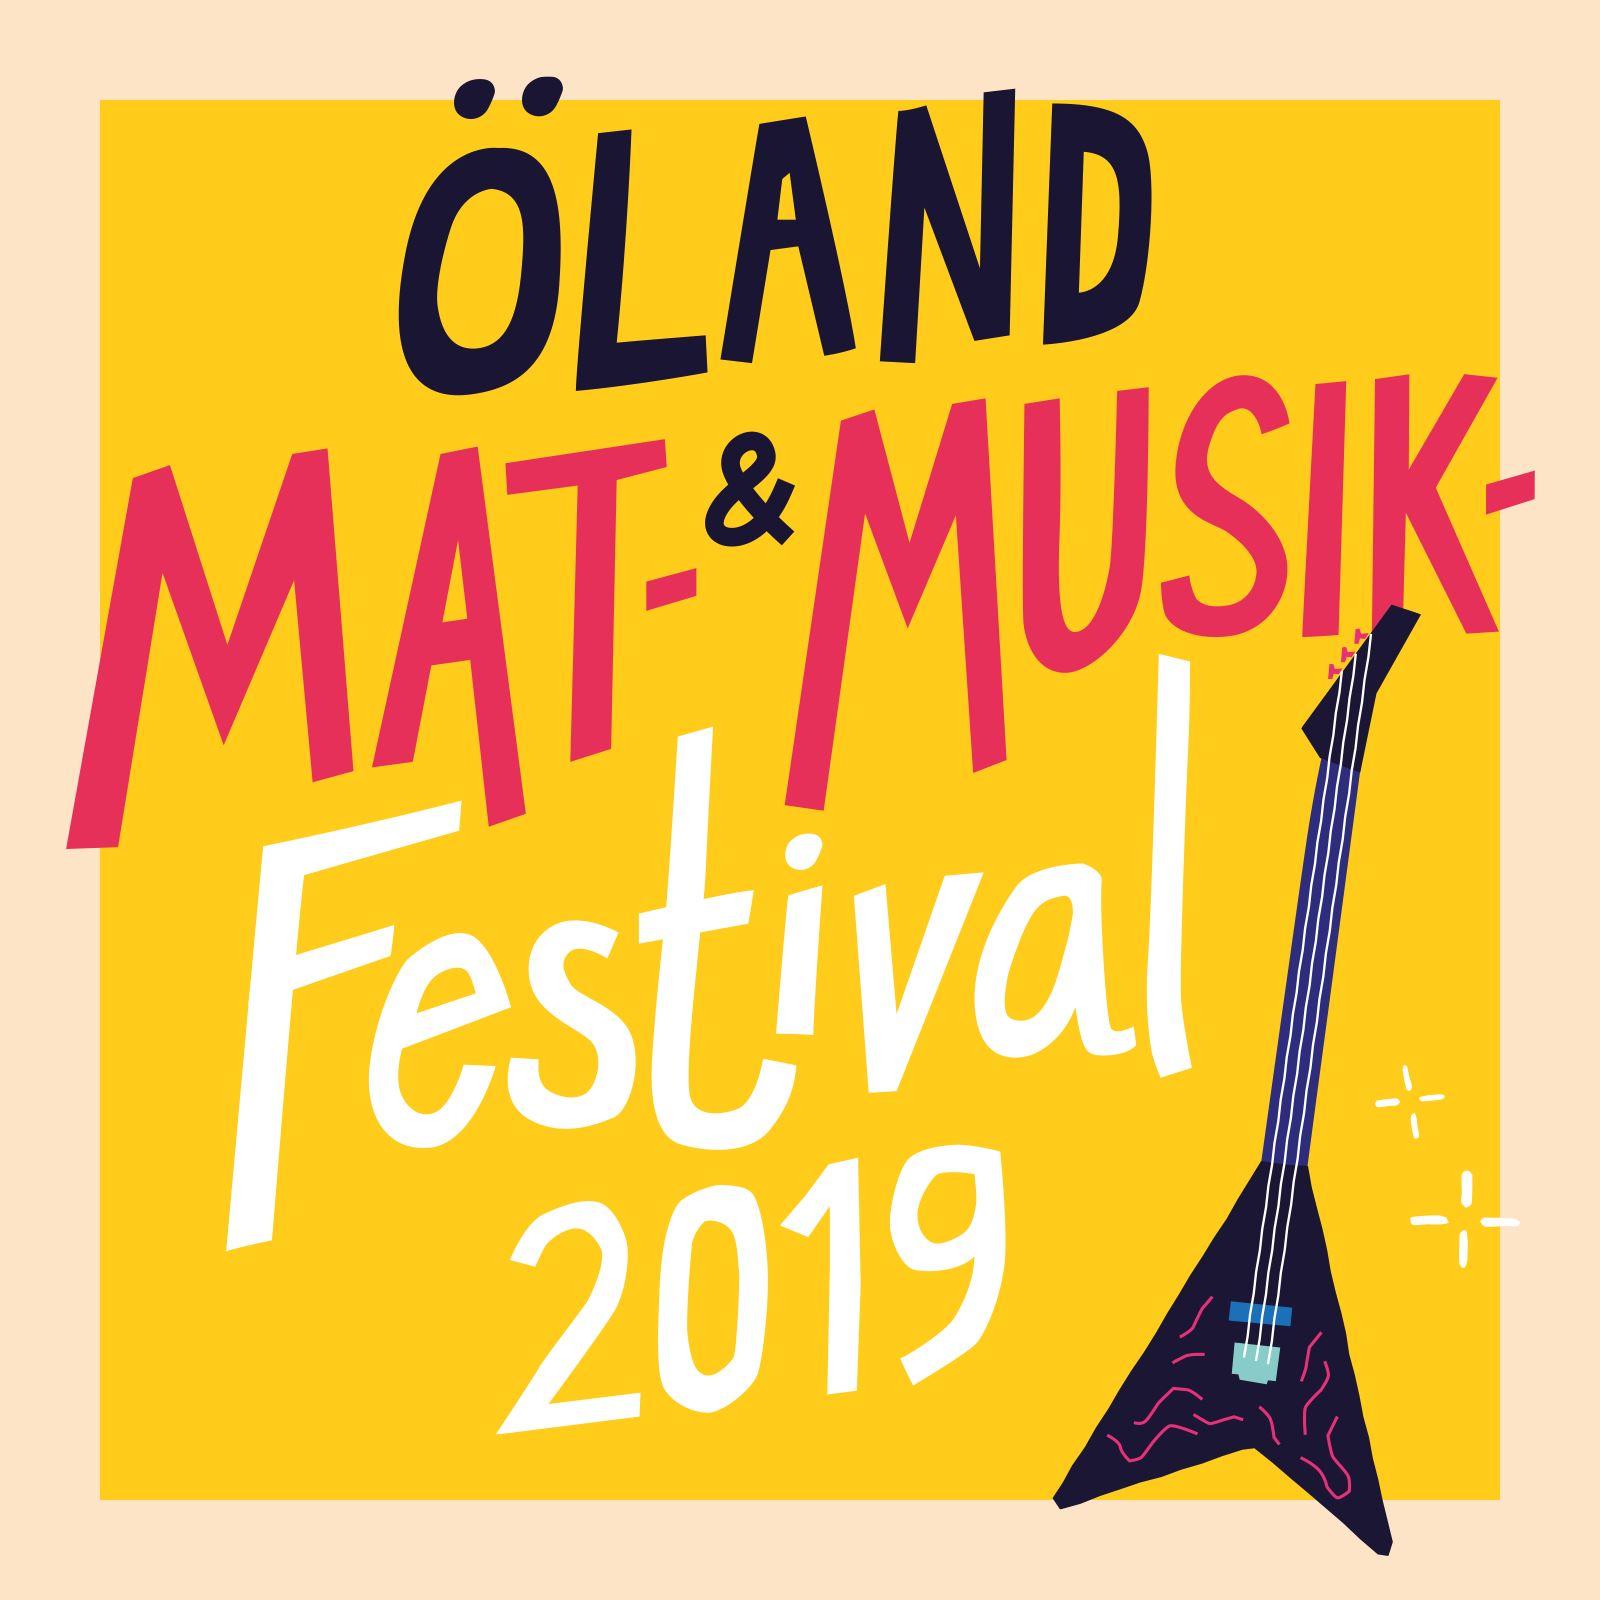 Öland Mat & Musikfestival